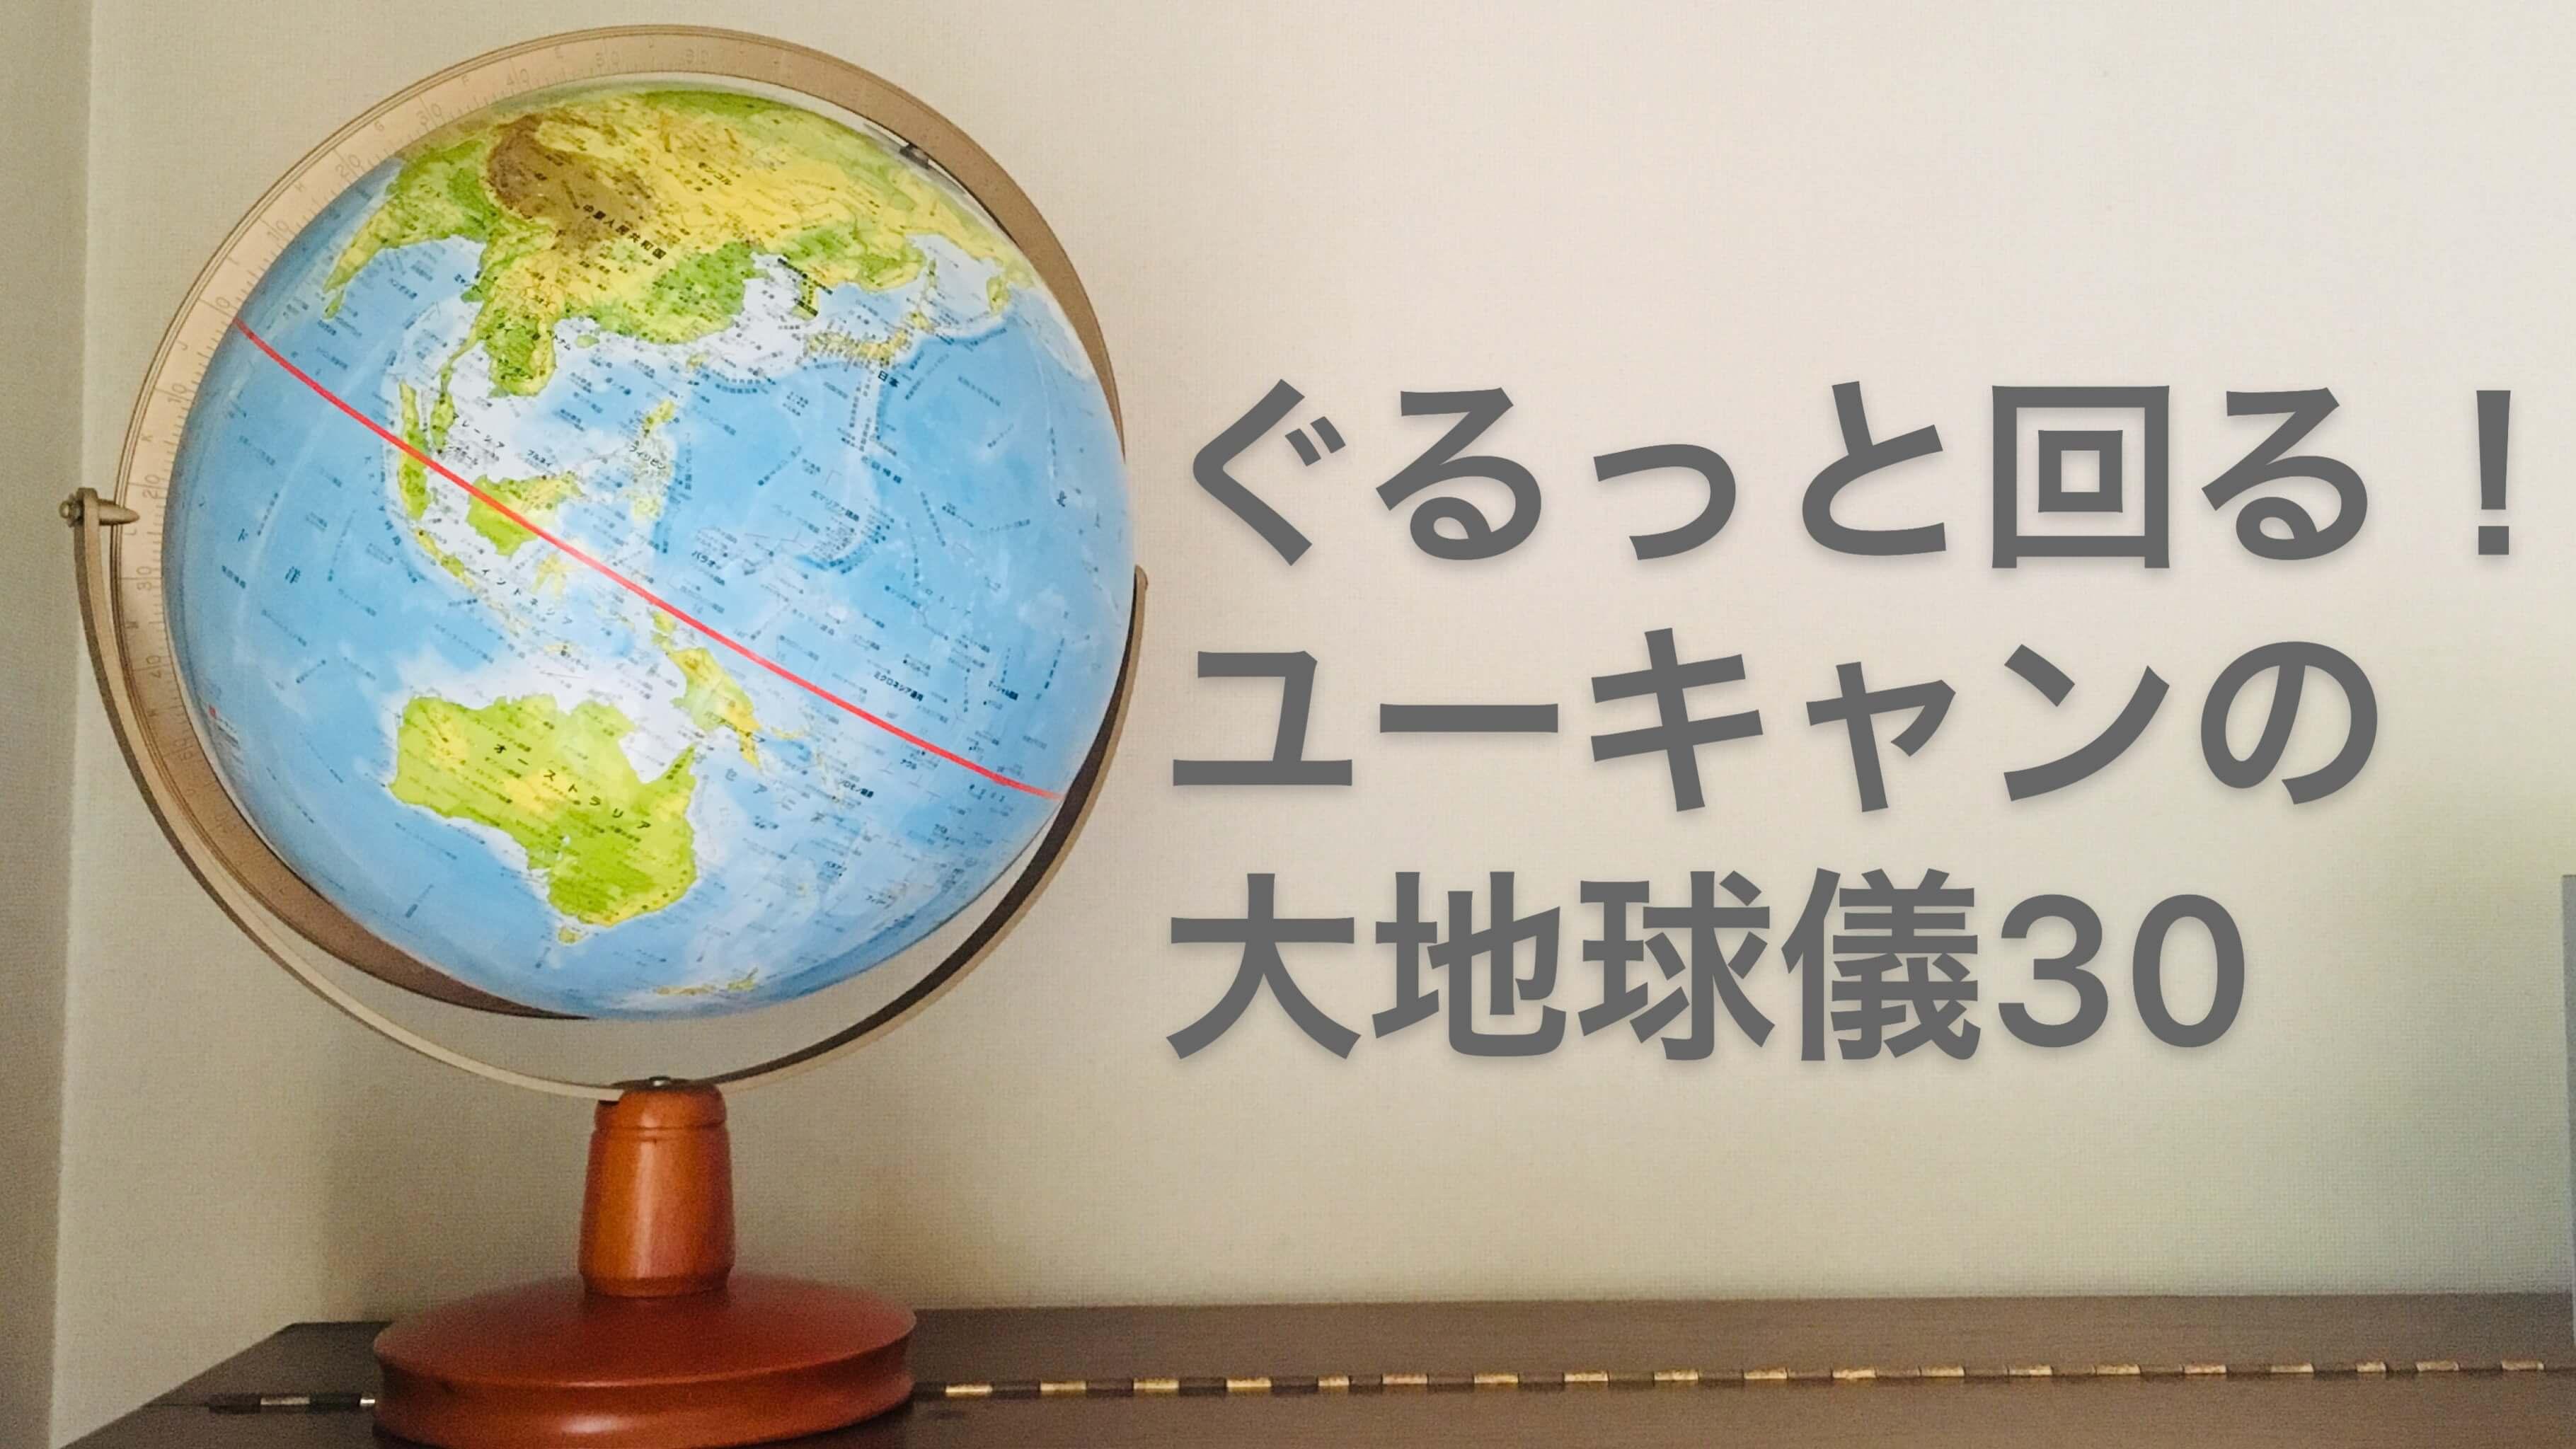 ぐるっと回る!地球儀の画像